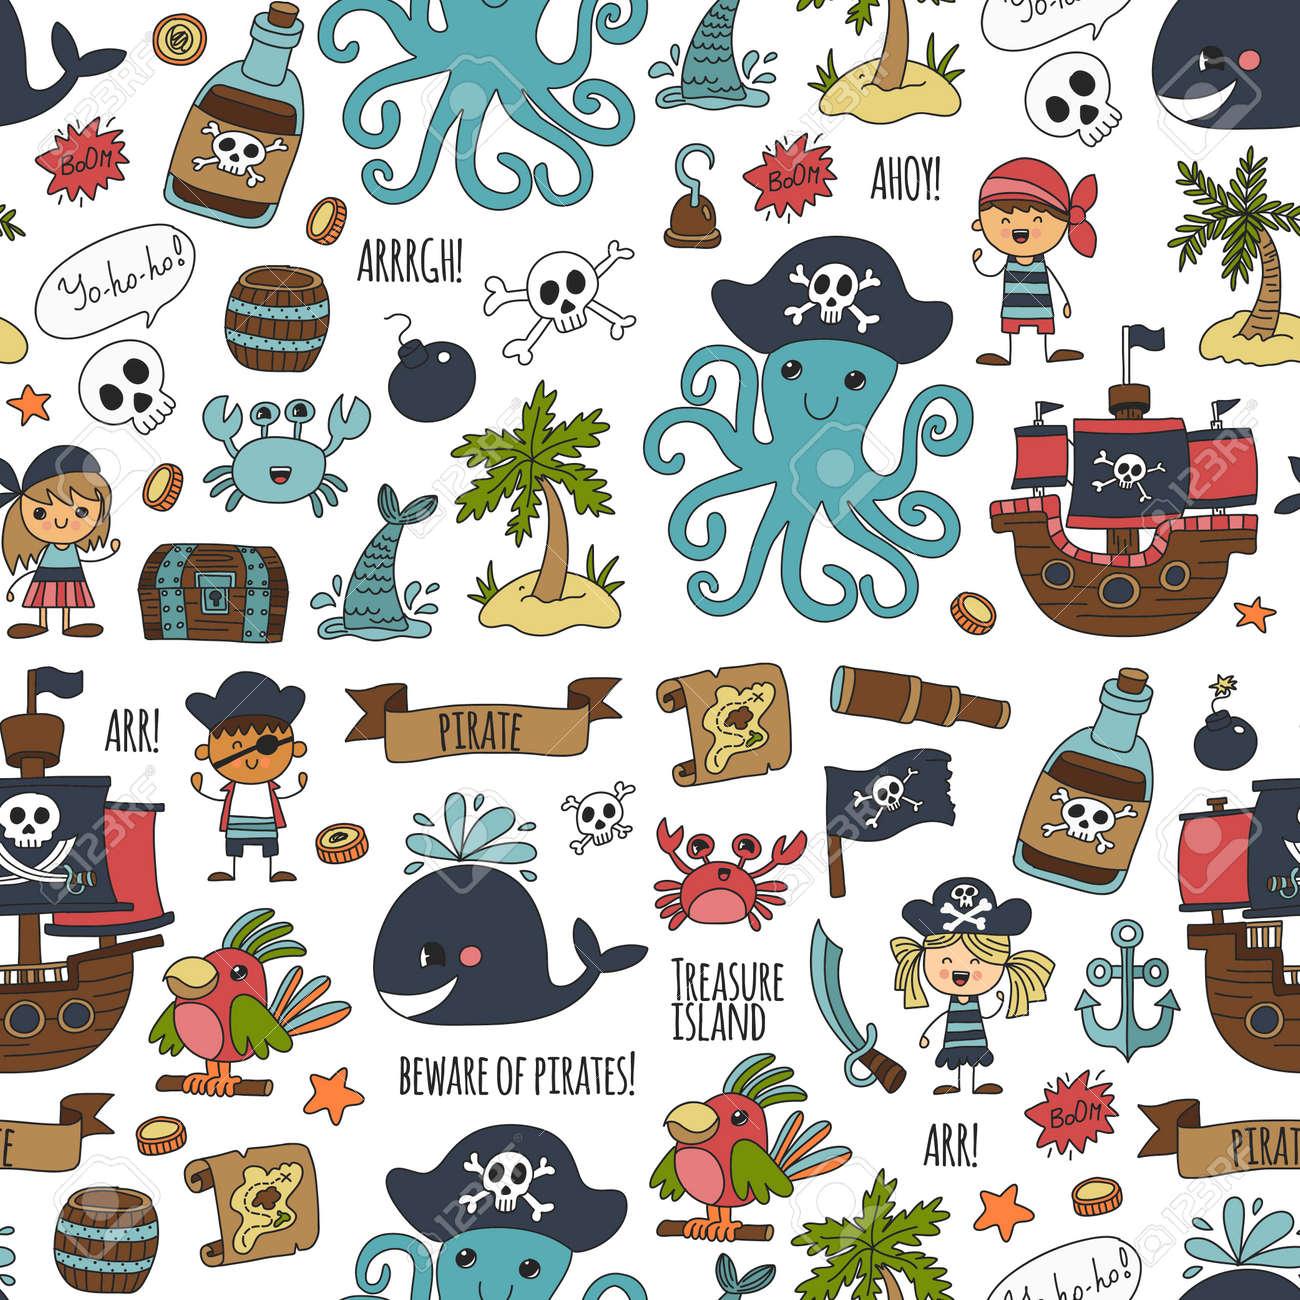 Mapa Del Tesoro Pirata Para Niños.Vector Patron Sin Fisuras Pirata Partido Para Los Ninos Jardin De Infancia Ninos Dibujo Estilo Ilustracion Picutre Con Pirata La Ballena La Isla Del